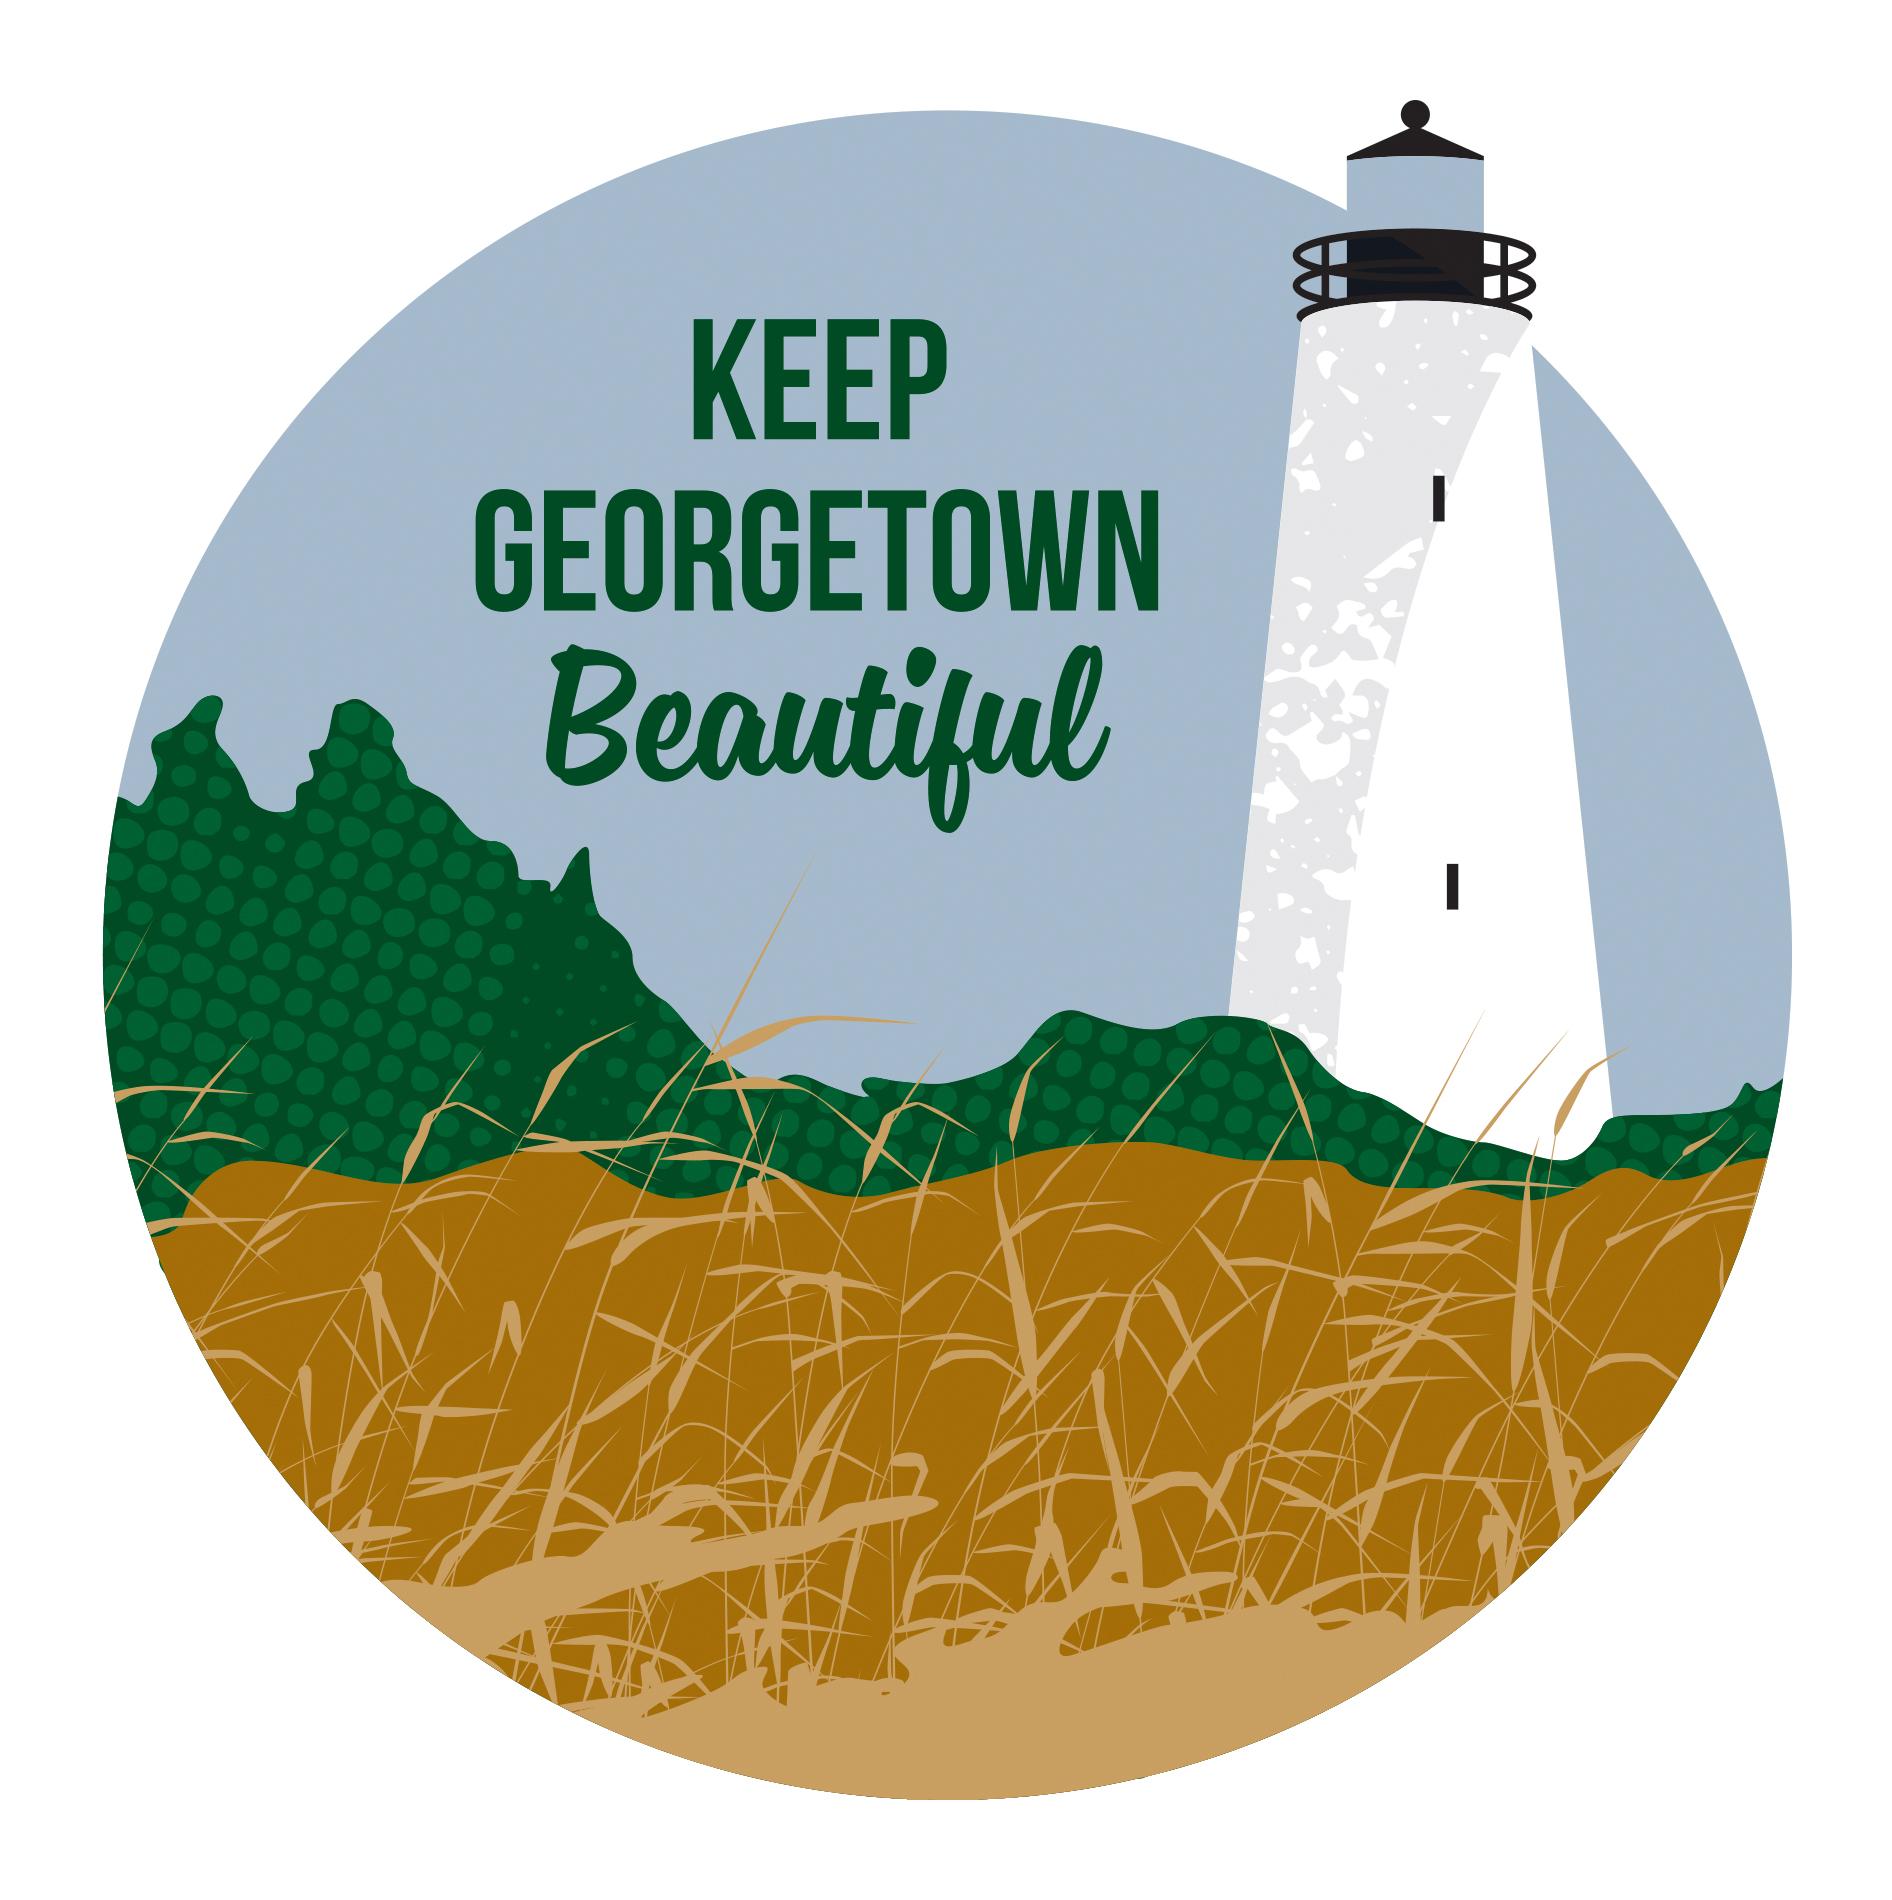 Keep Georgetown Beautiful